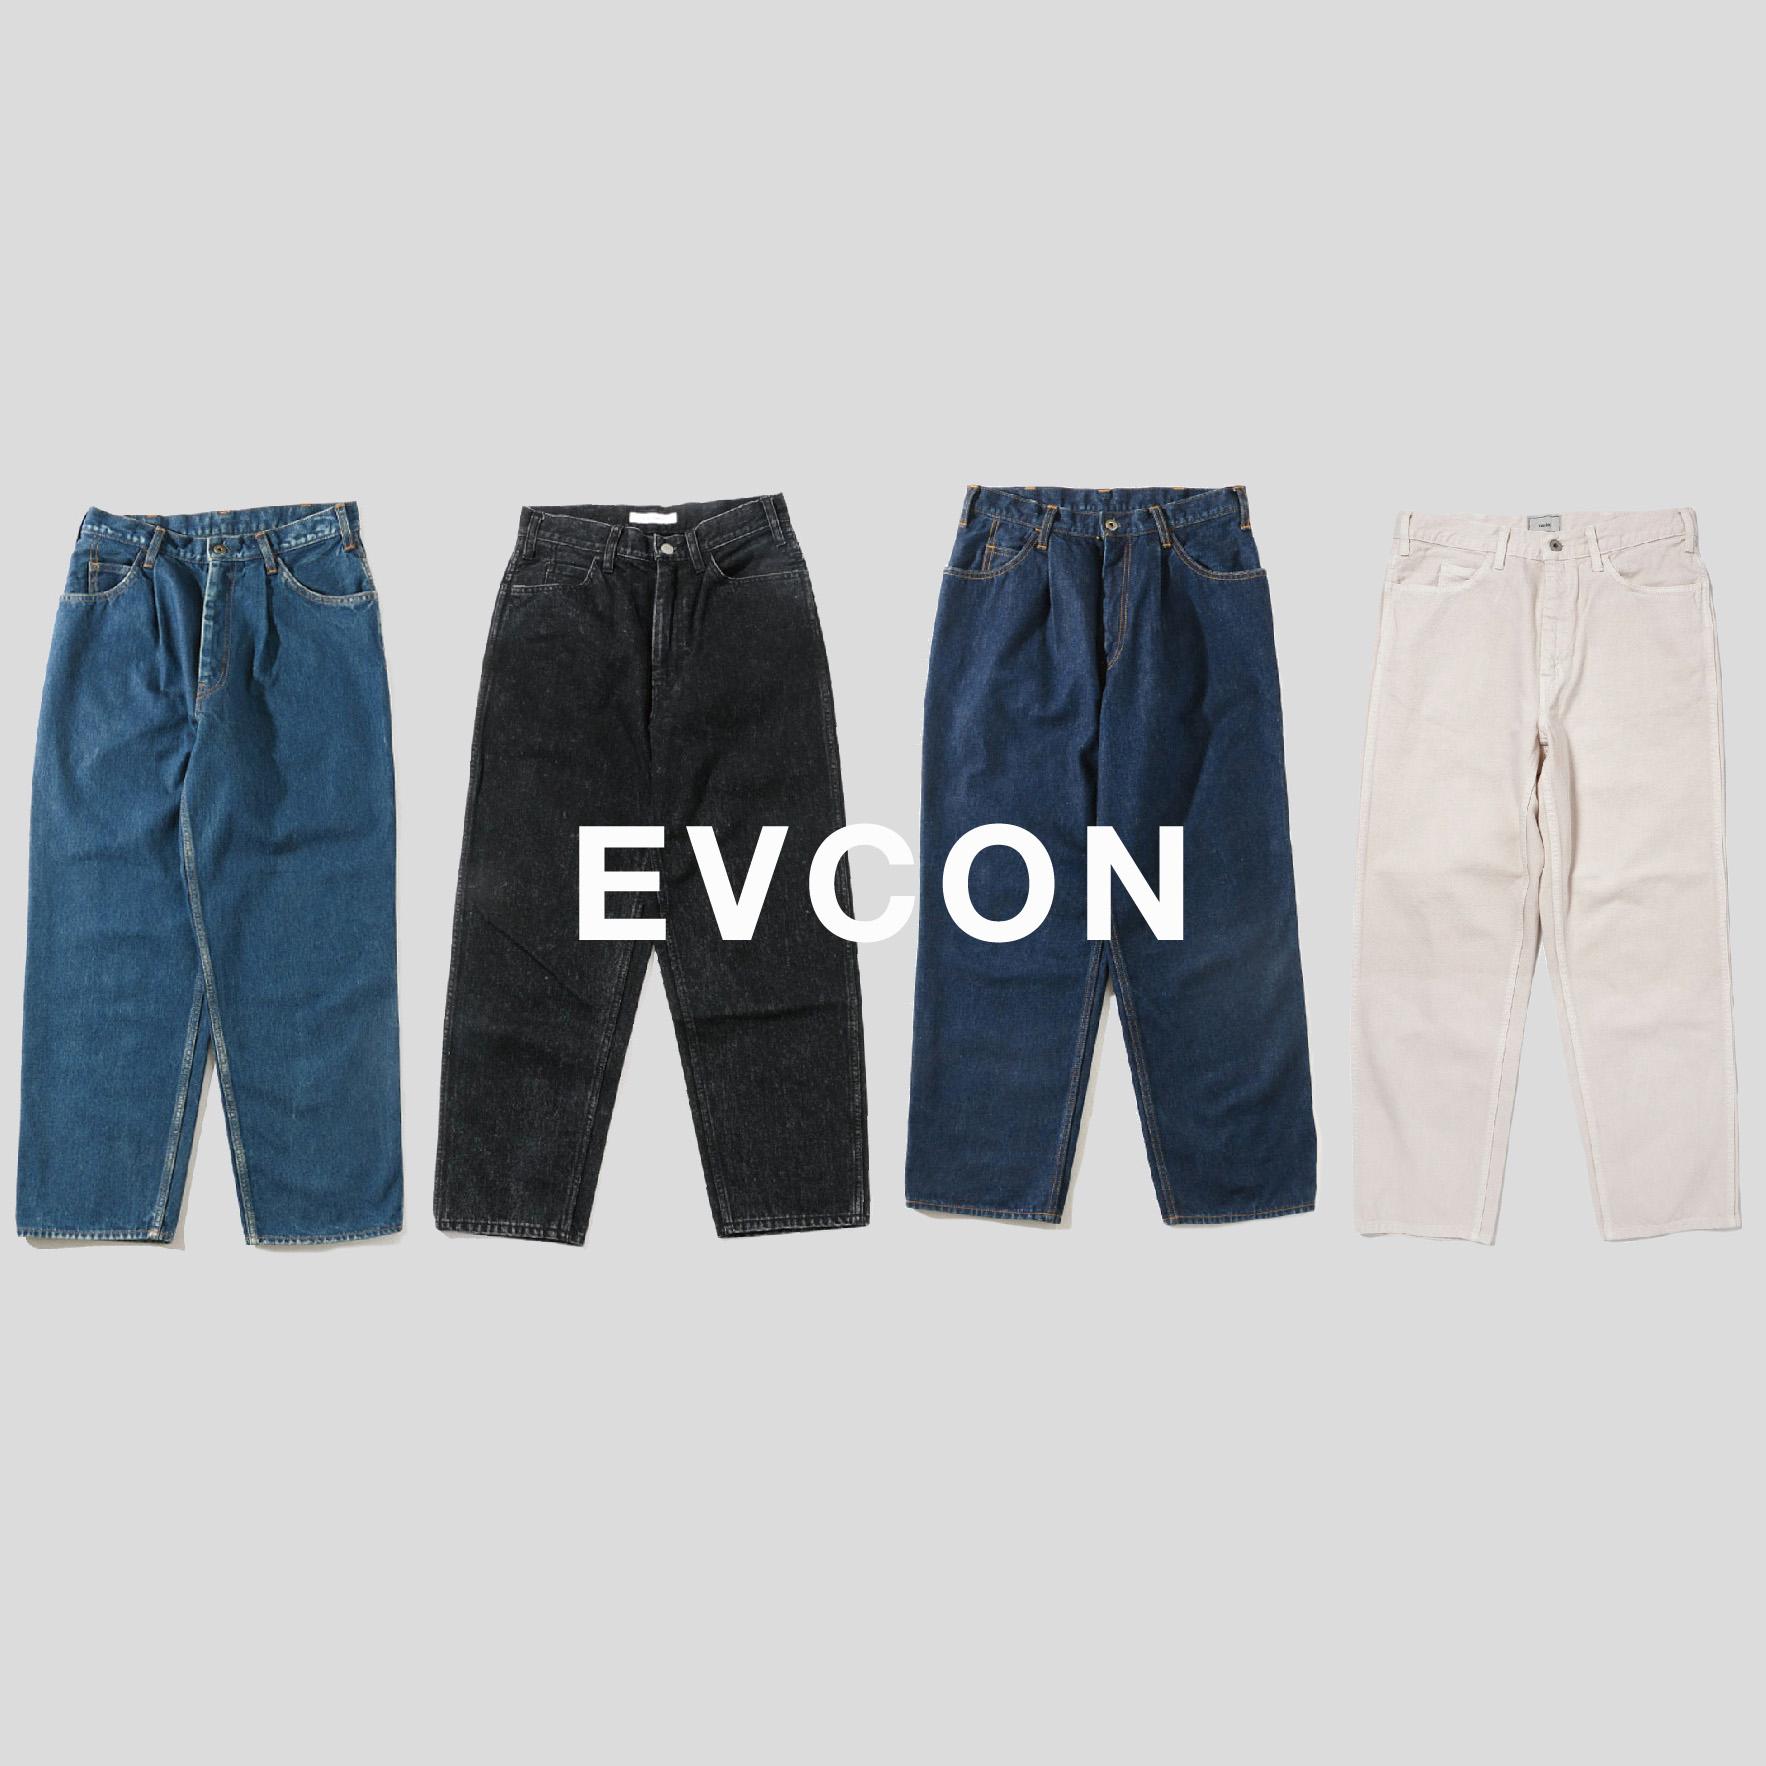 EVCONの定番デニム。